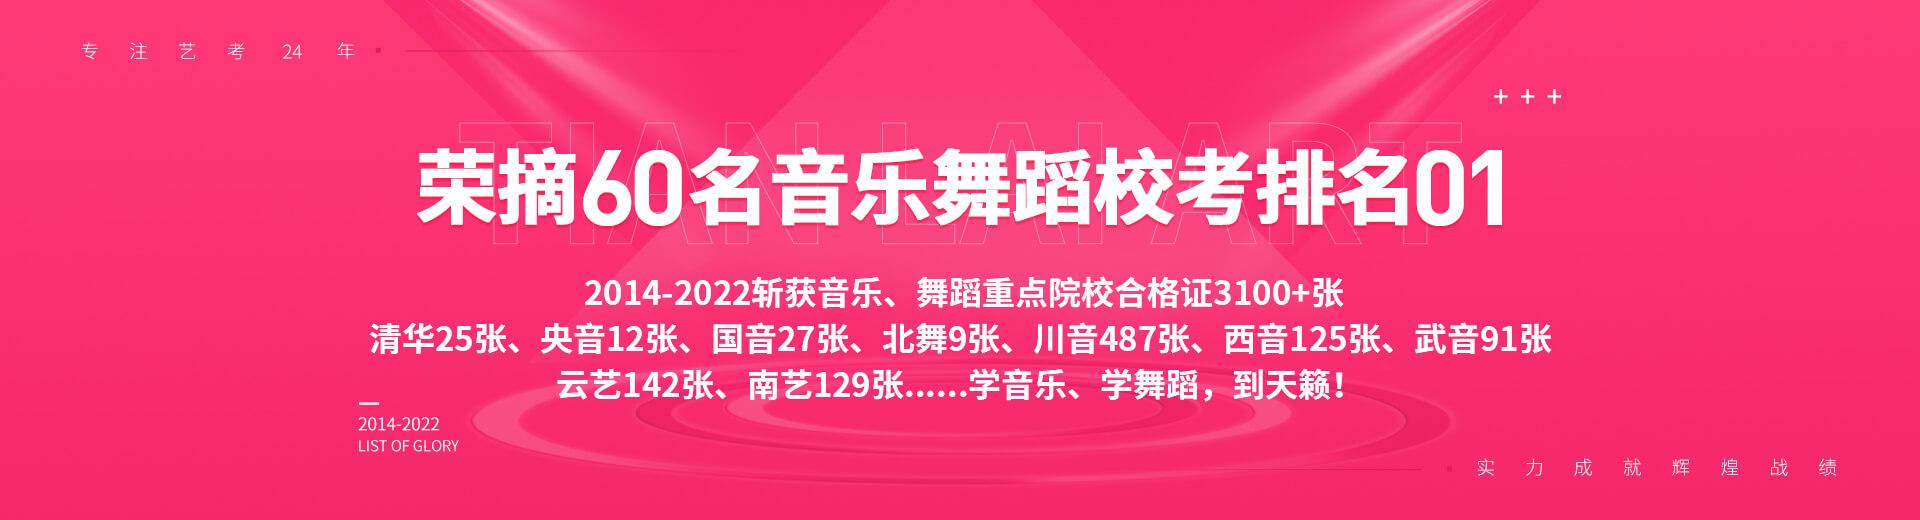 2021音乐舞蹈招生简章